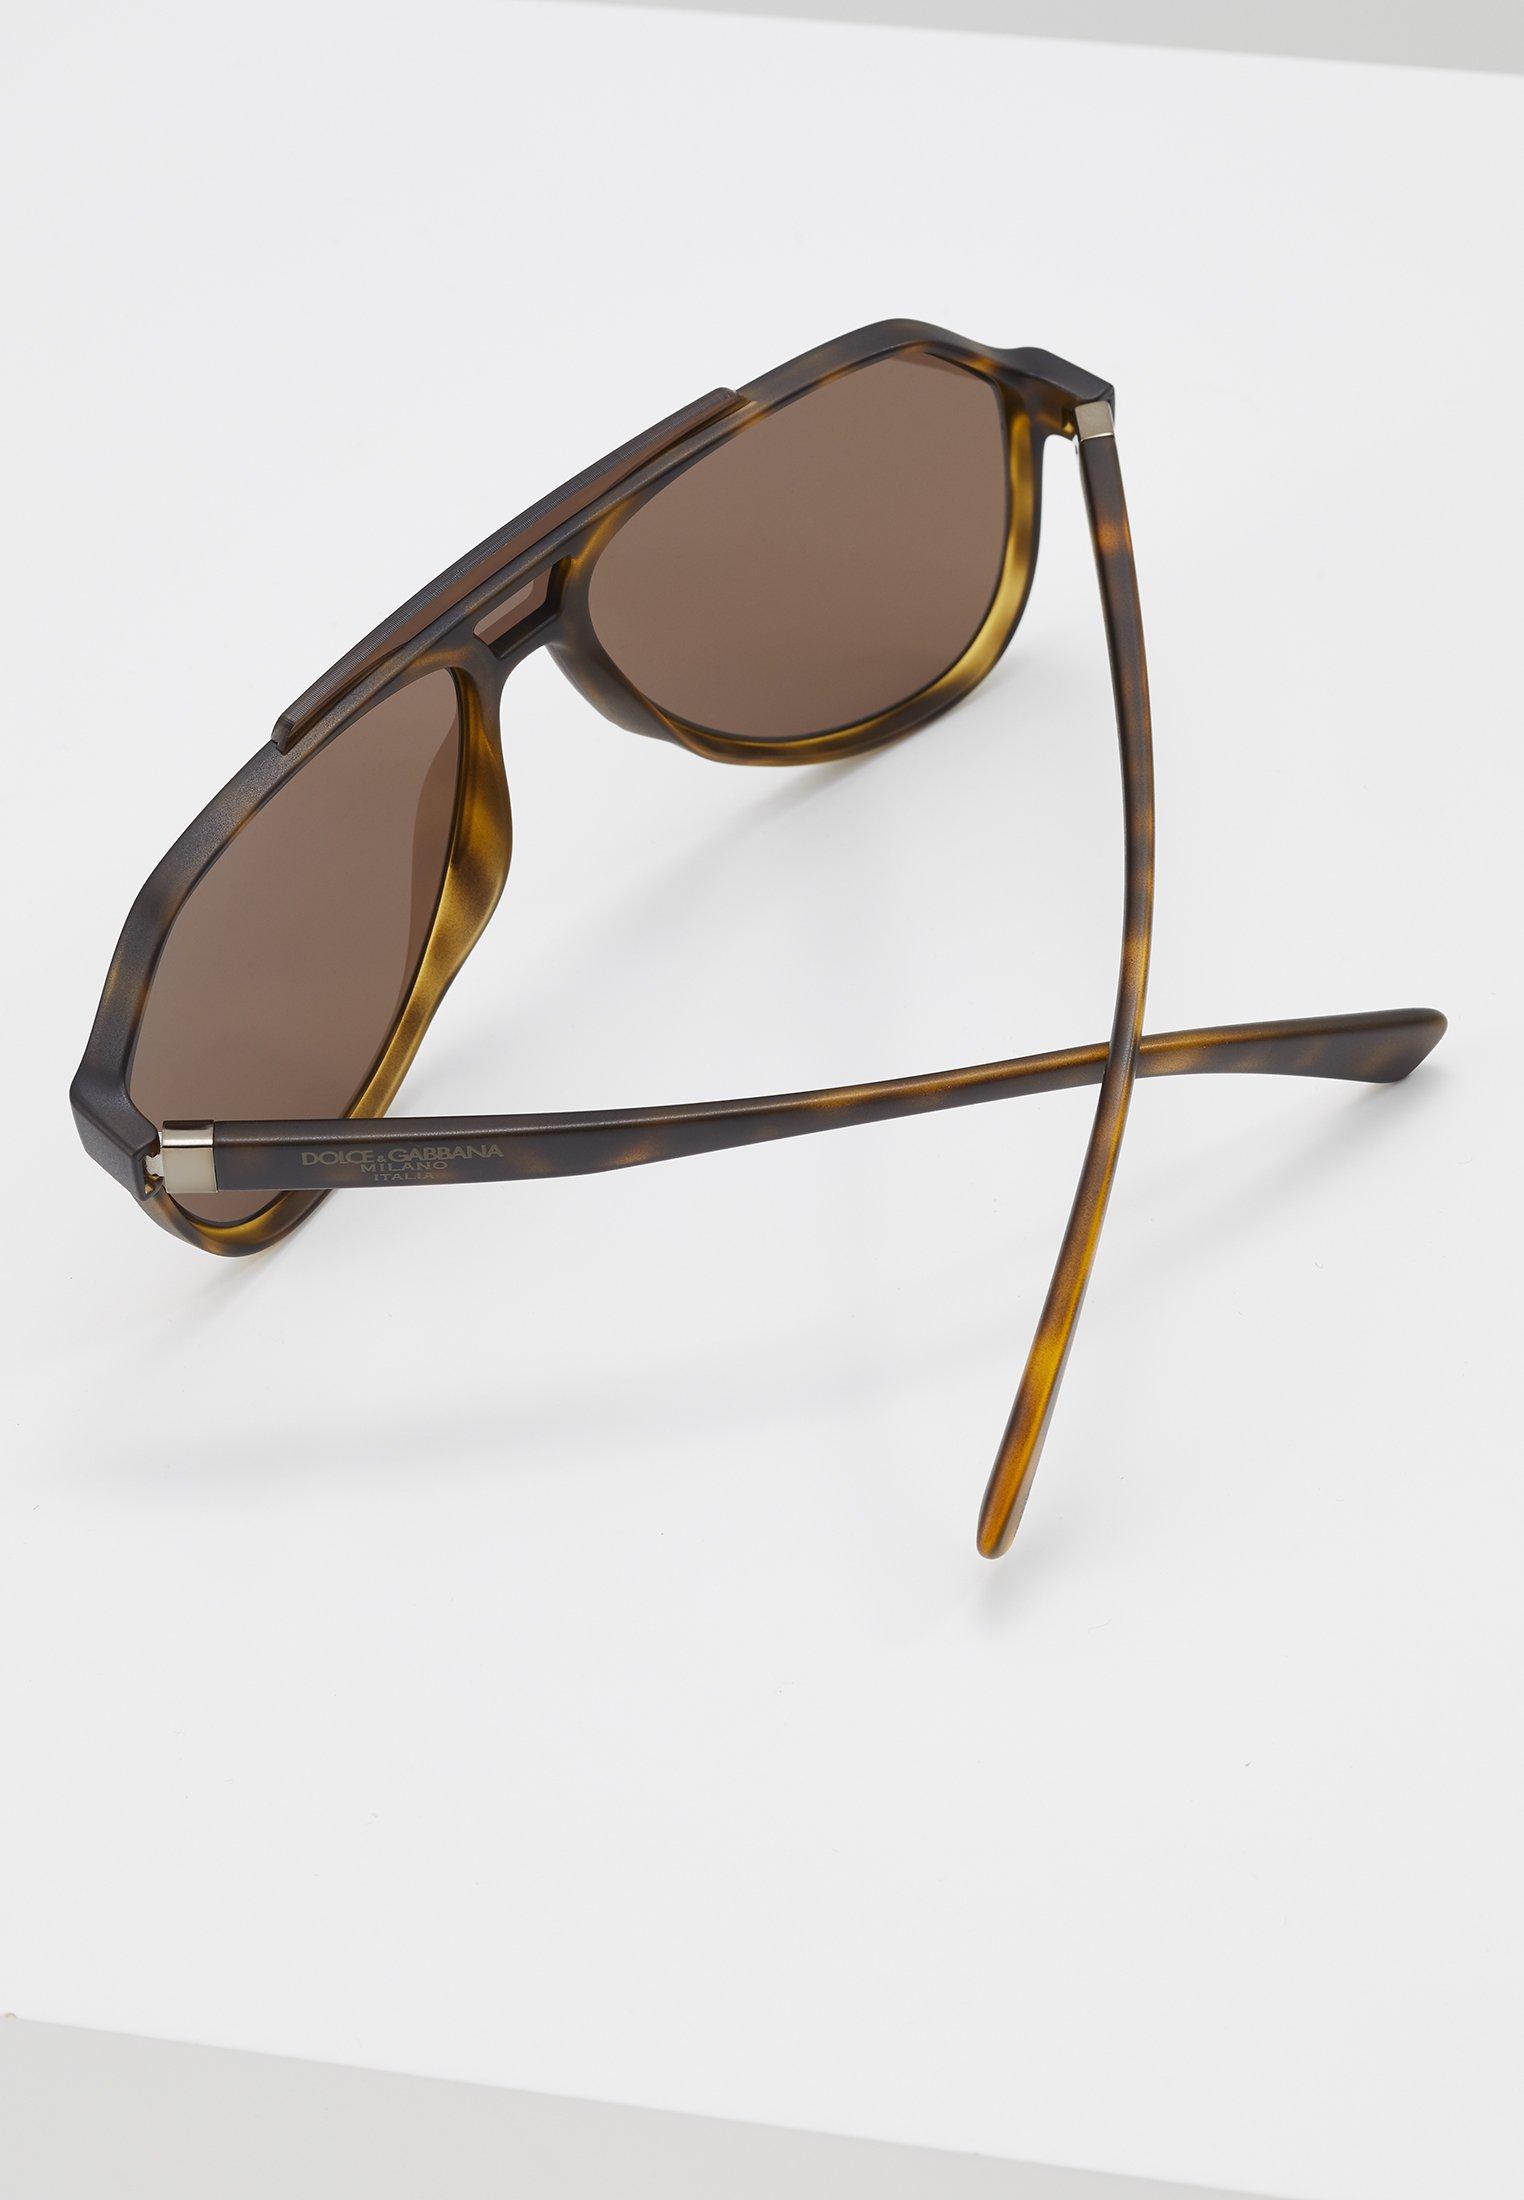 DolceGabbana Sonnenbrille - matte havana/braun - Herrenaccessoires htLTg